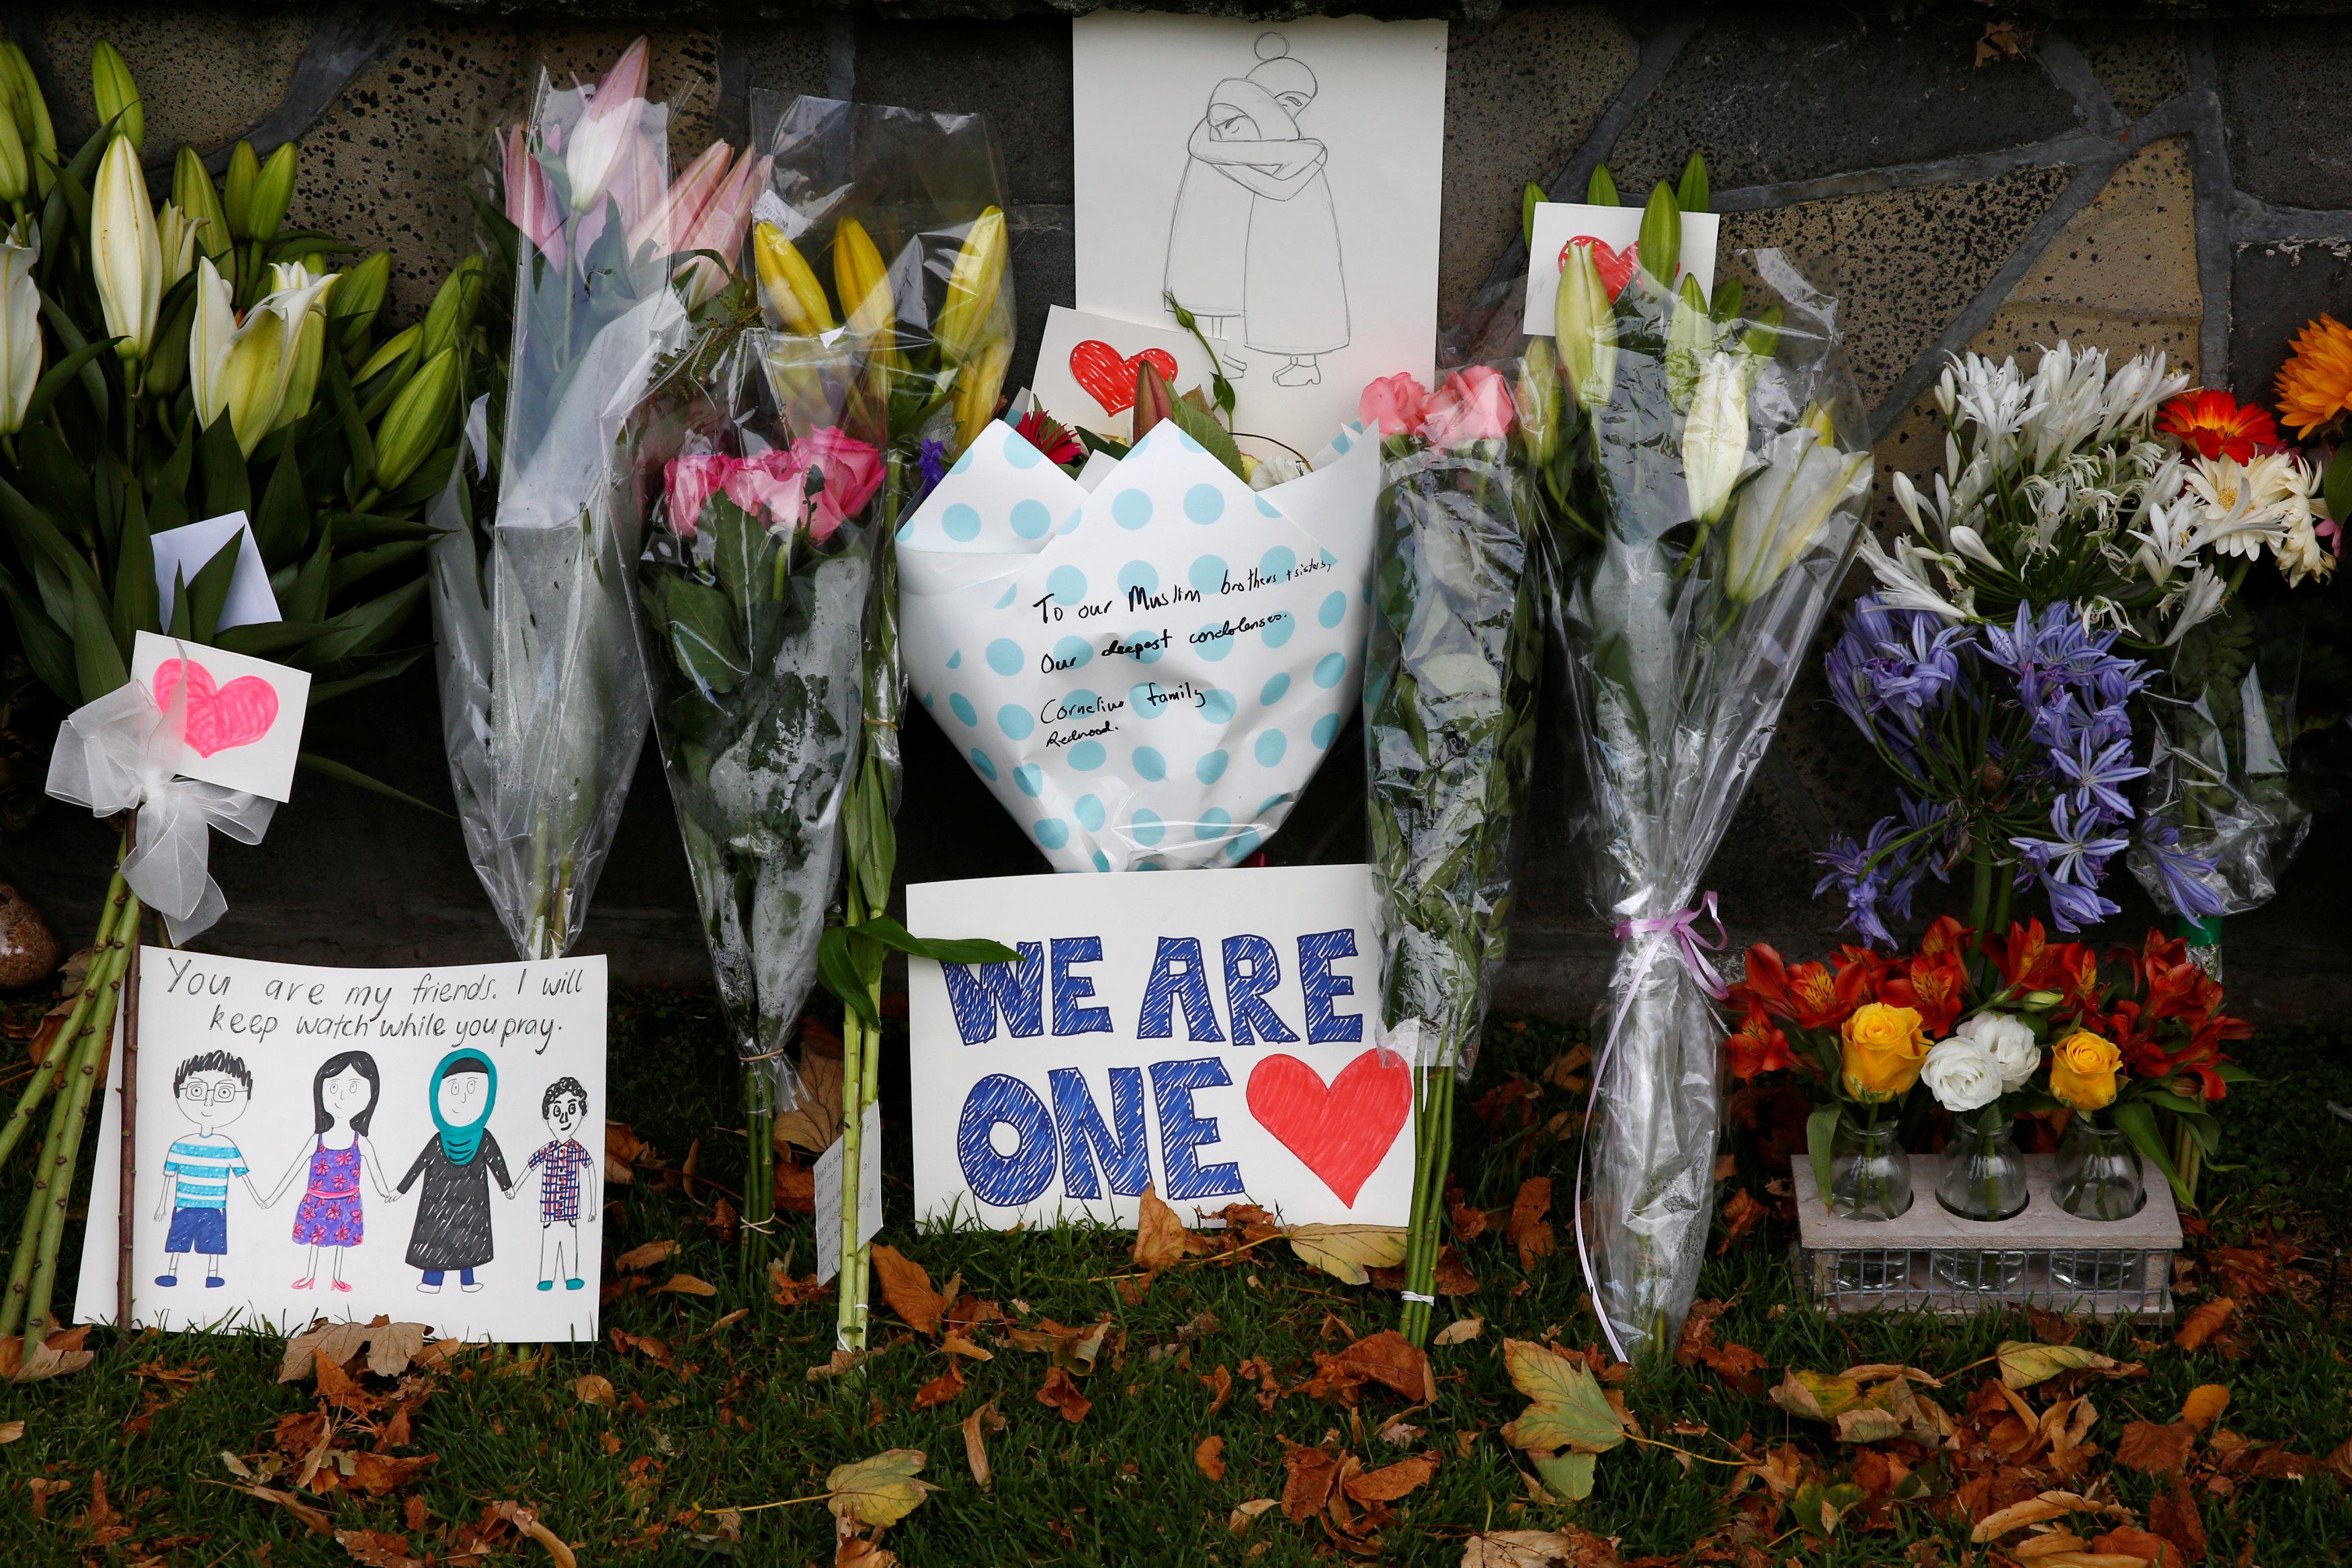 뉴질랜드 총기난사 희생자들을 향한 애도가 이어지고